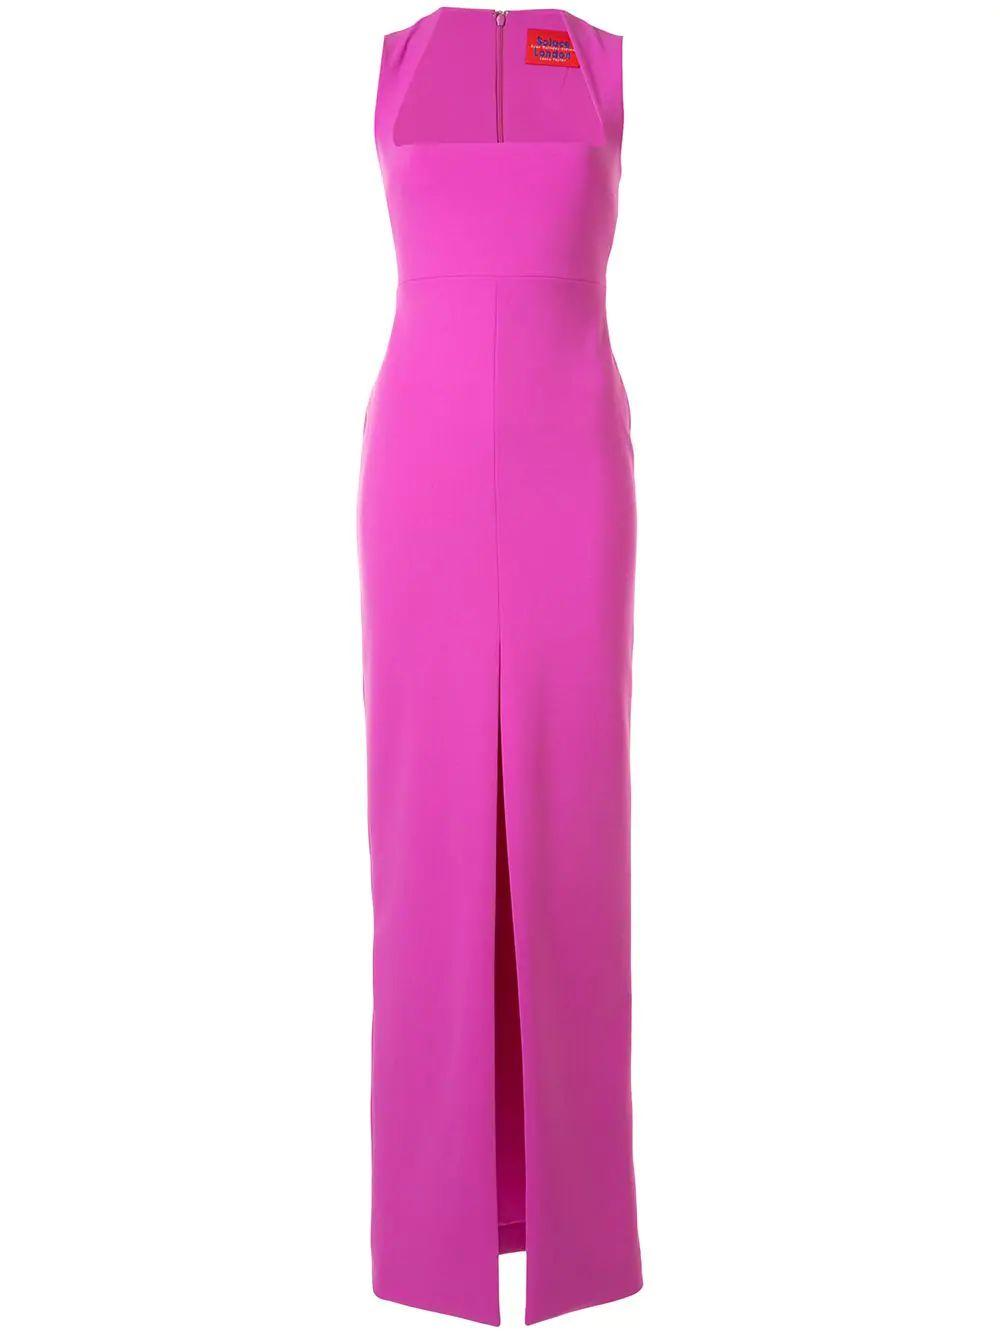 Sofia Dress Item # OS26036